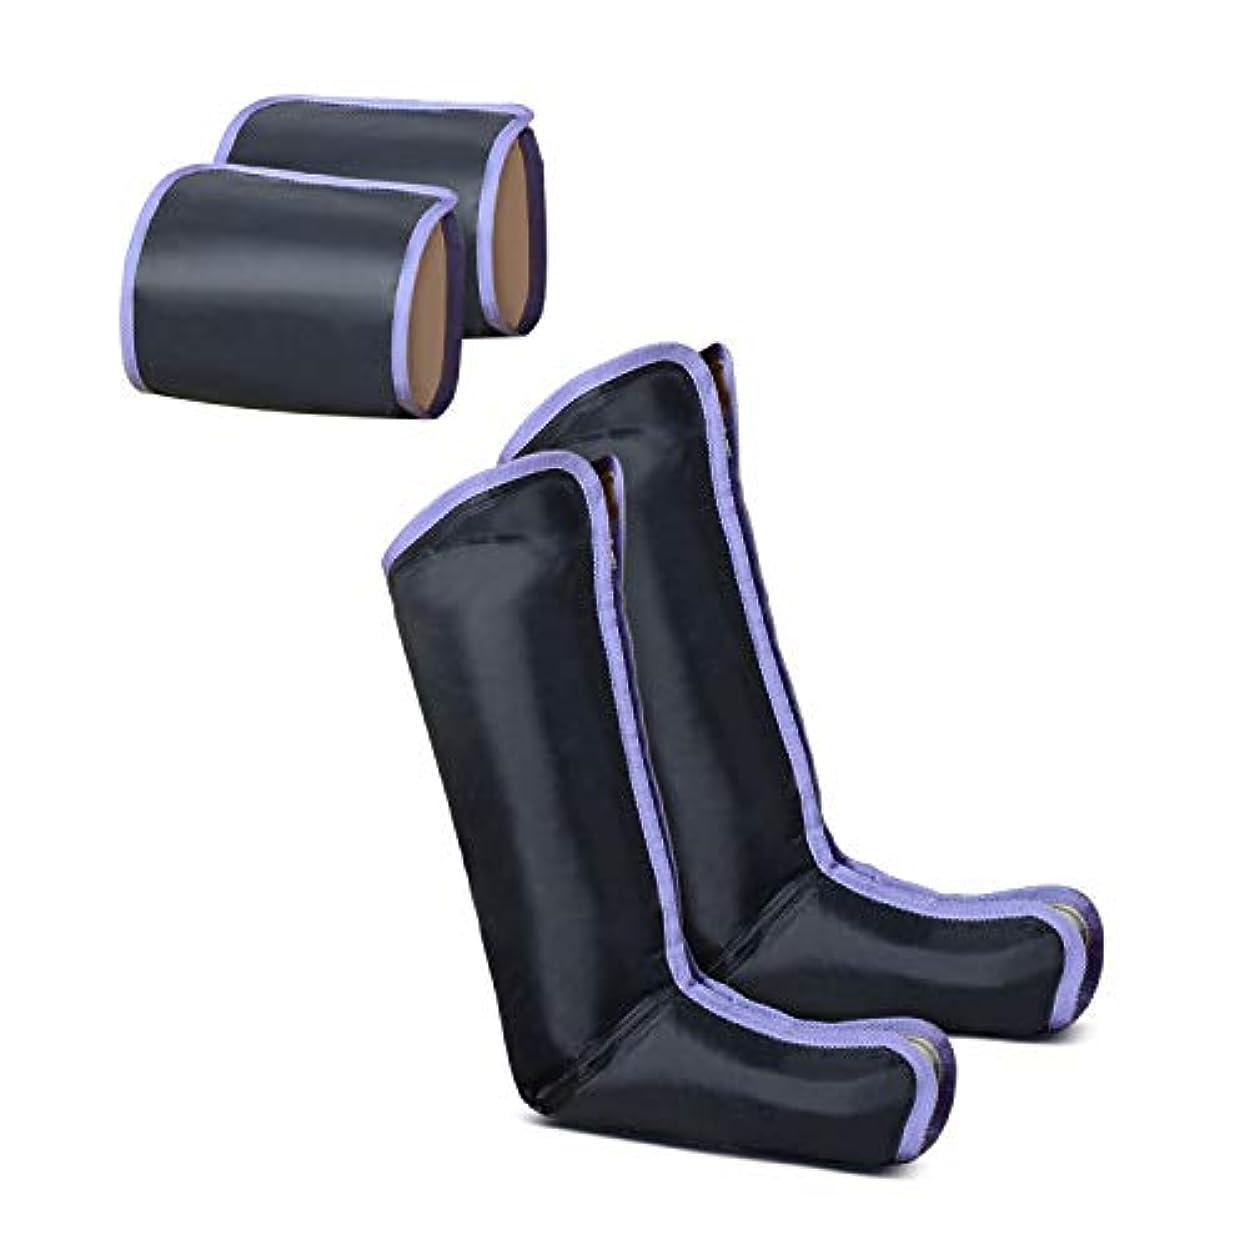 ピルファープールロードブロッキングSOLIN フットマッサージャー エアーマッサージャー レッグリフレ レッグマッサージ 電気マッサージ機 ひざ/太もも巻き対応 疲労の回復 血行の促進 贈り物